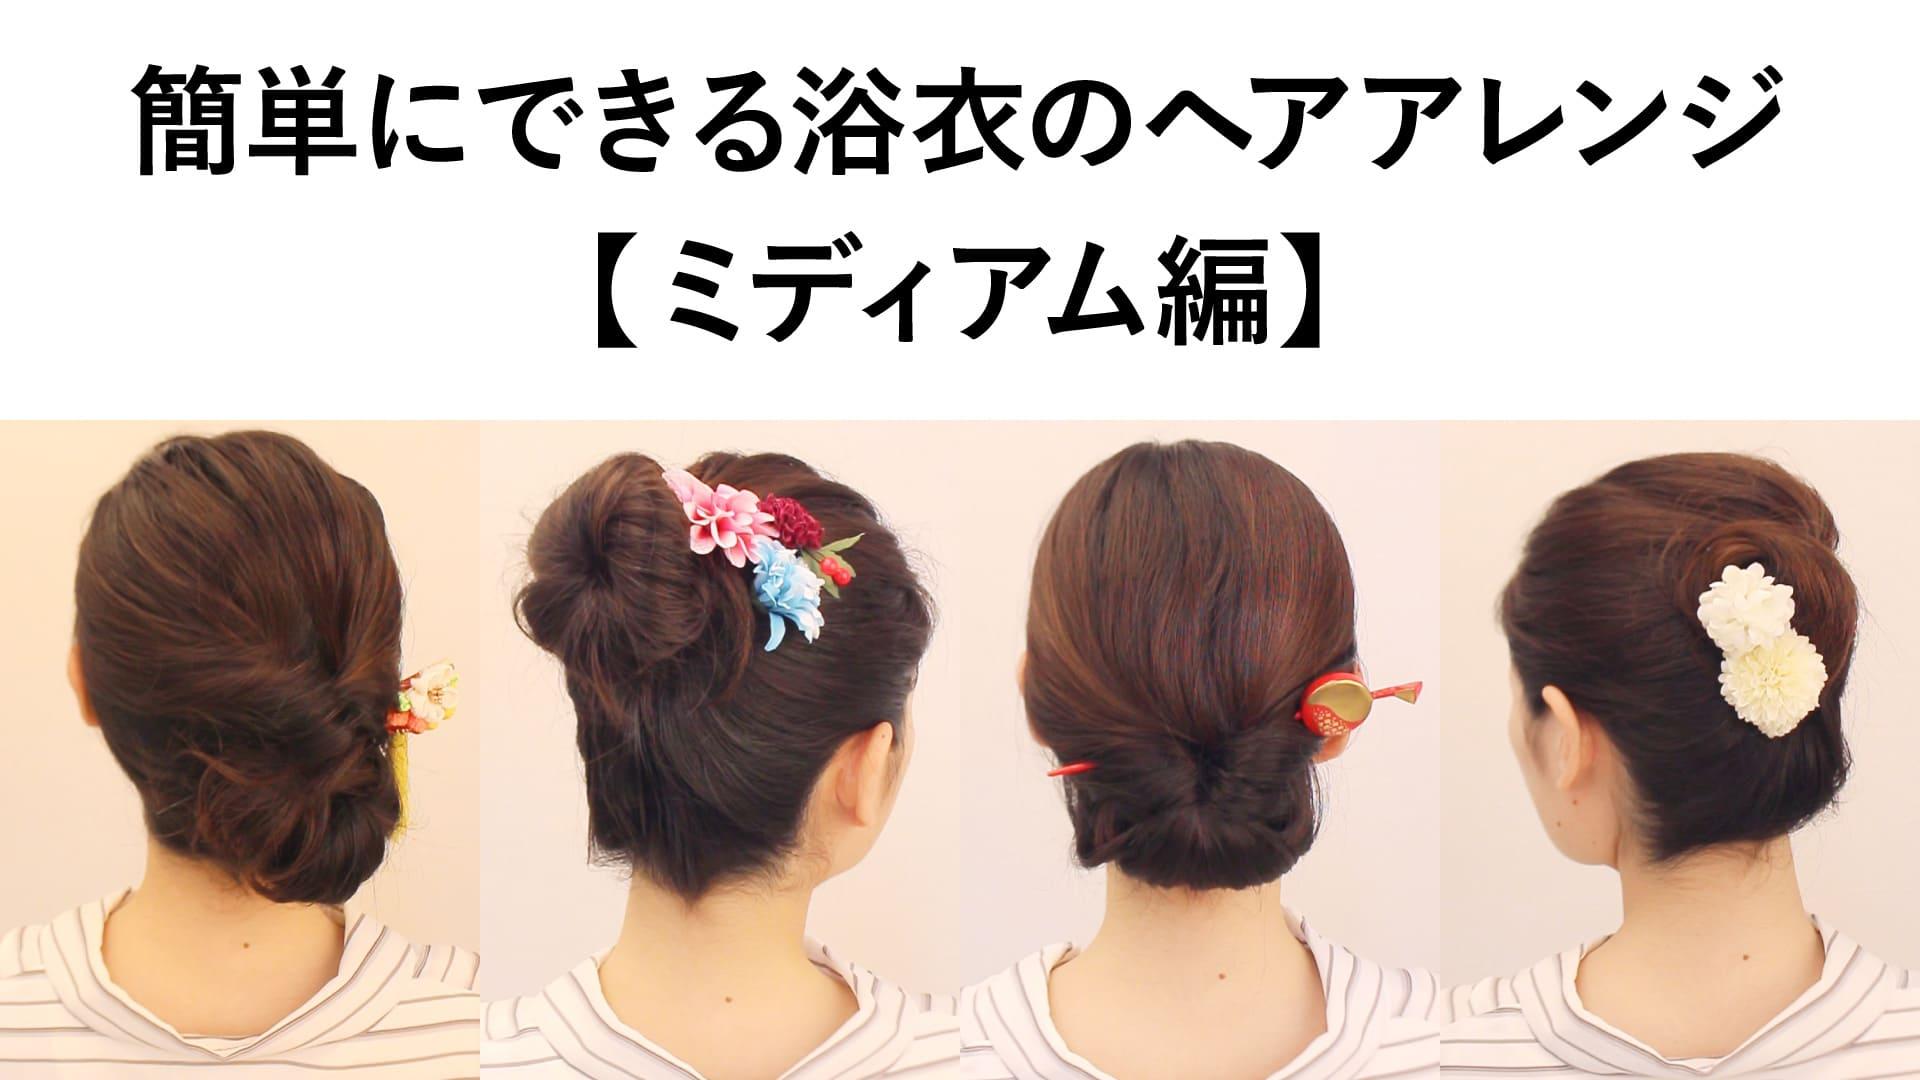 ミディアム 浴衣の髪型 ヘアアレンジ集 簡単にできる 浴衣の髪型